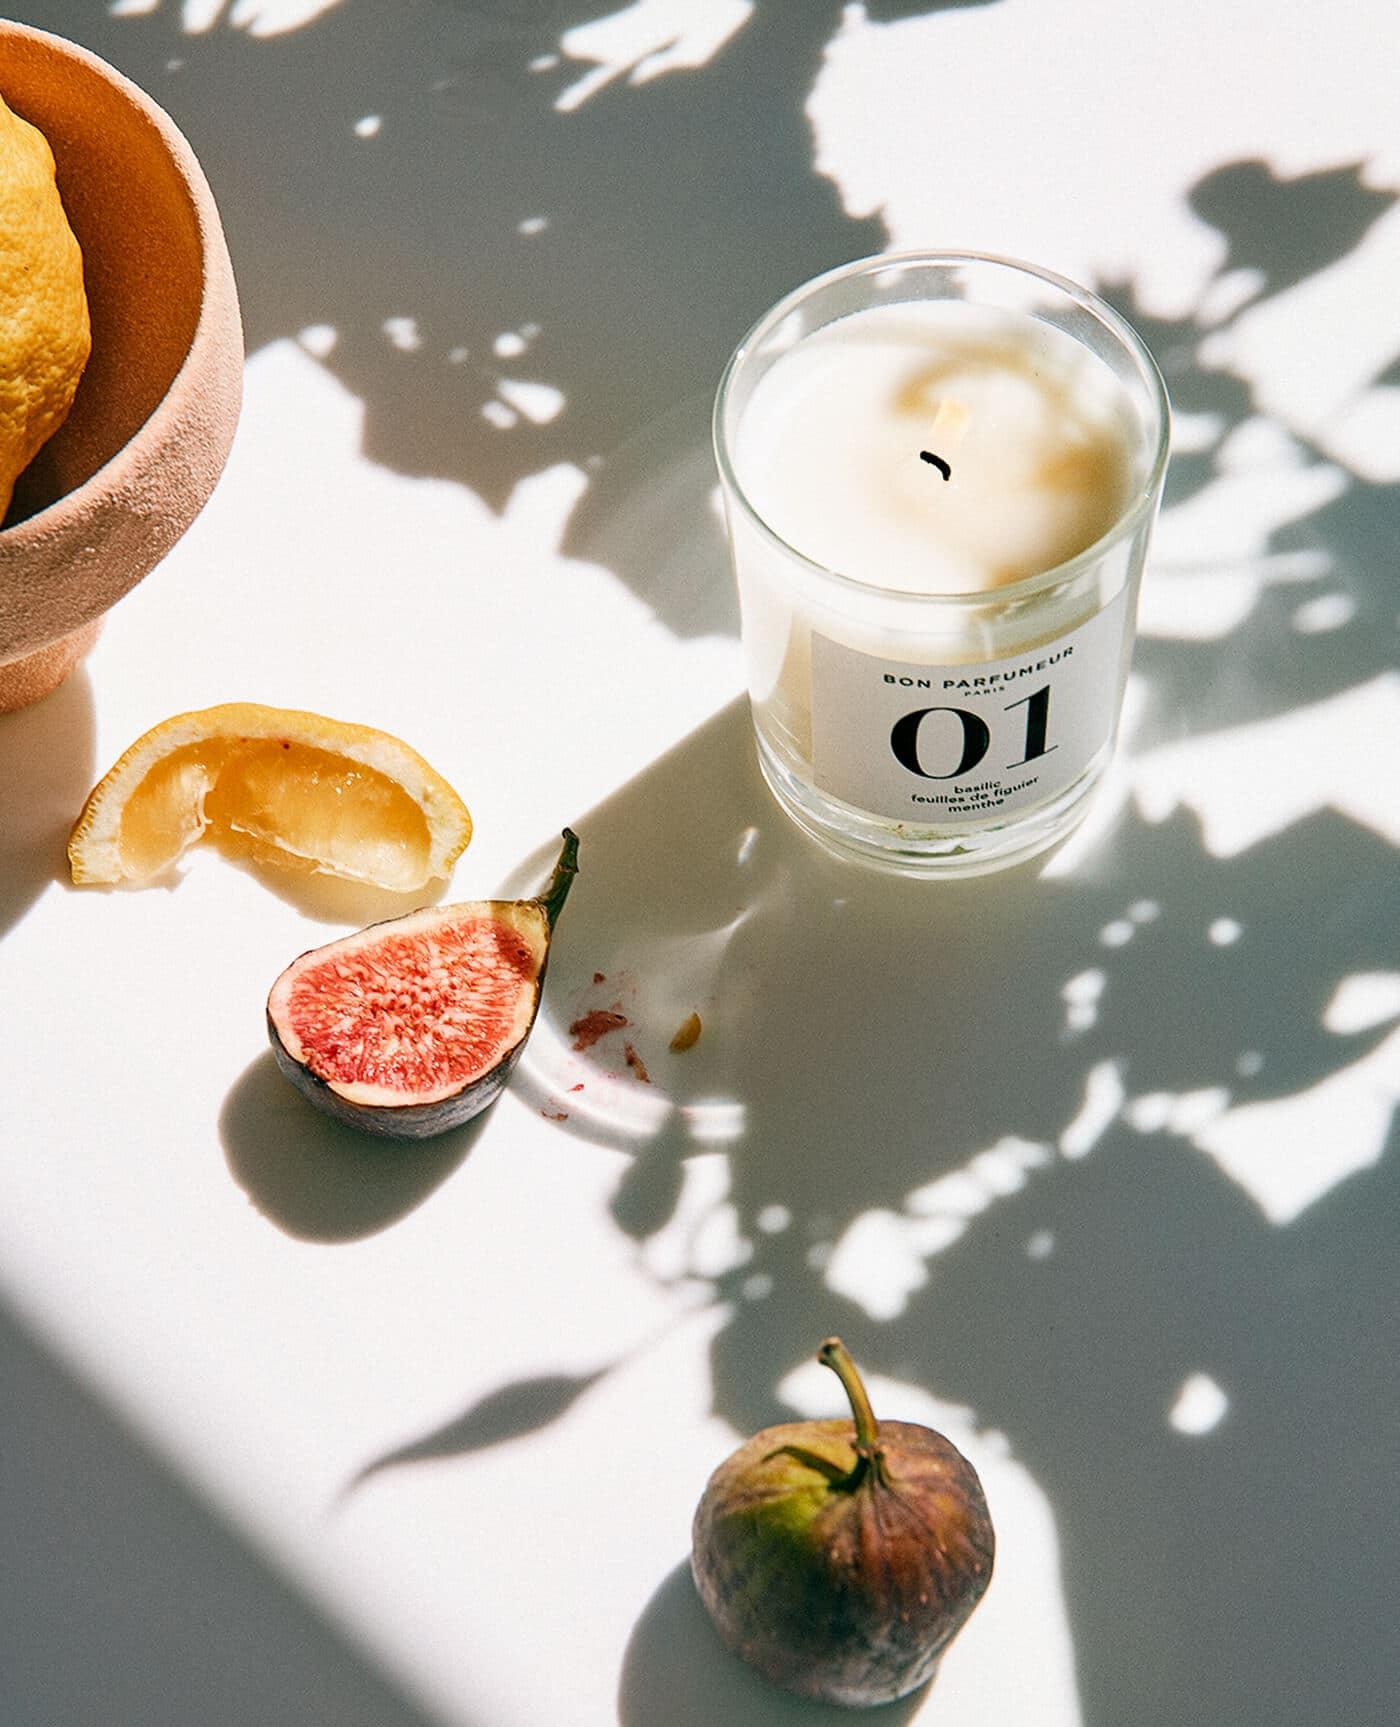 bougie 01 basilic, feuille de figuier et menthe made in France de la marque Bon parfumeur